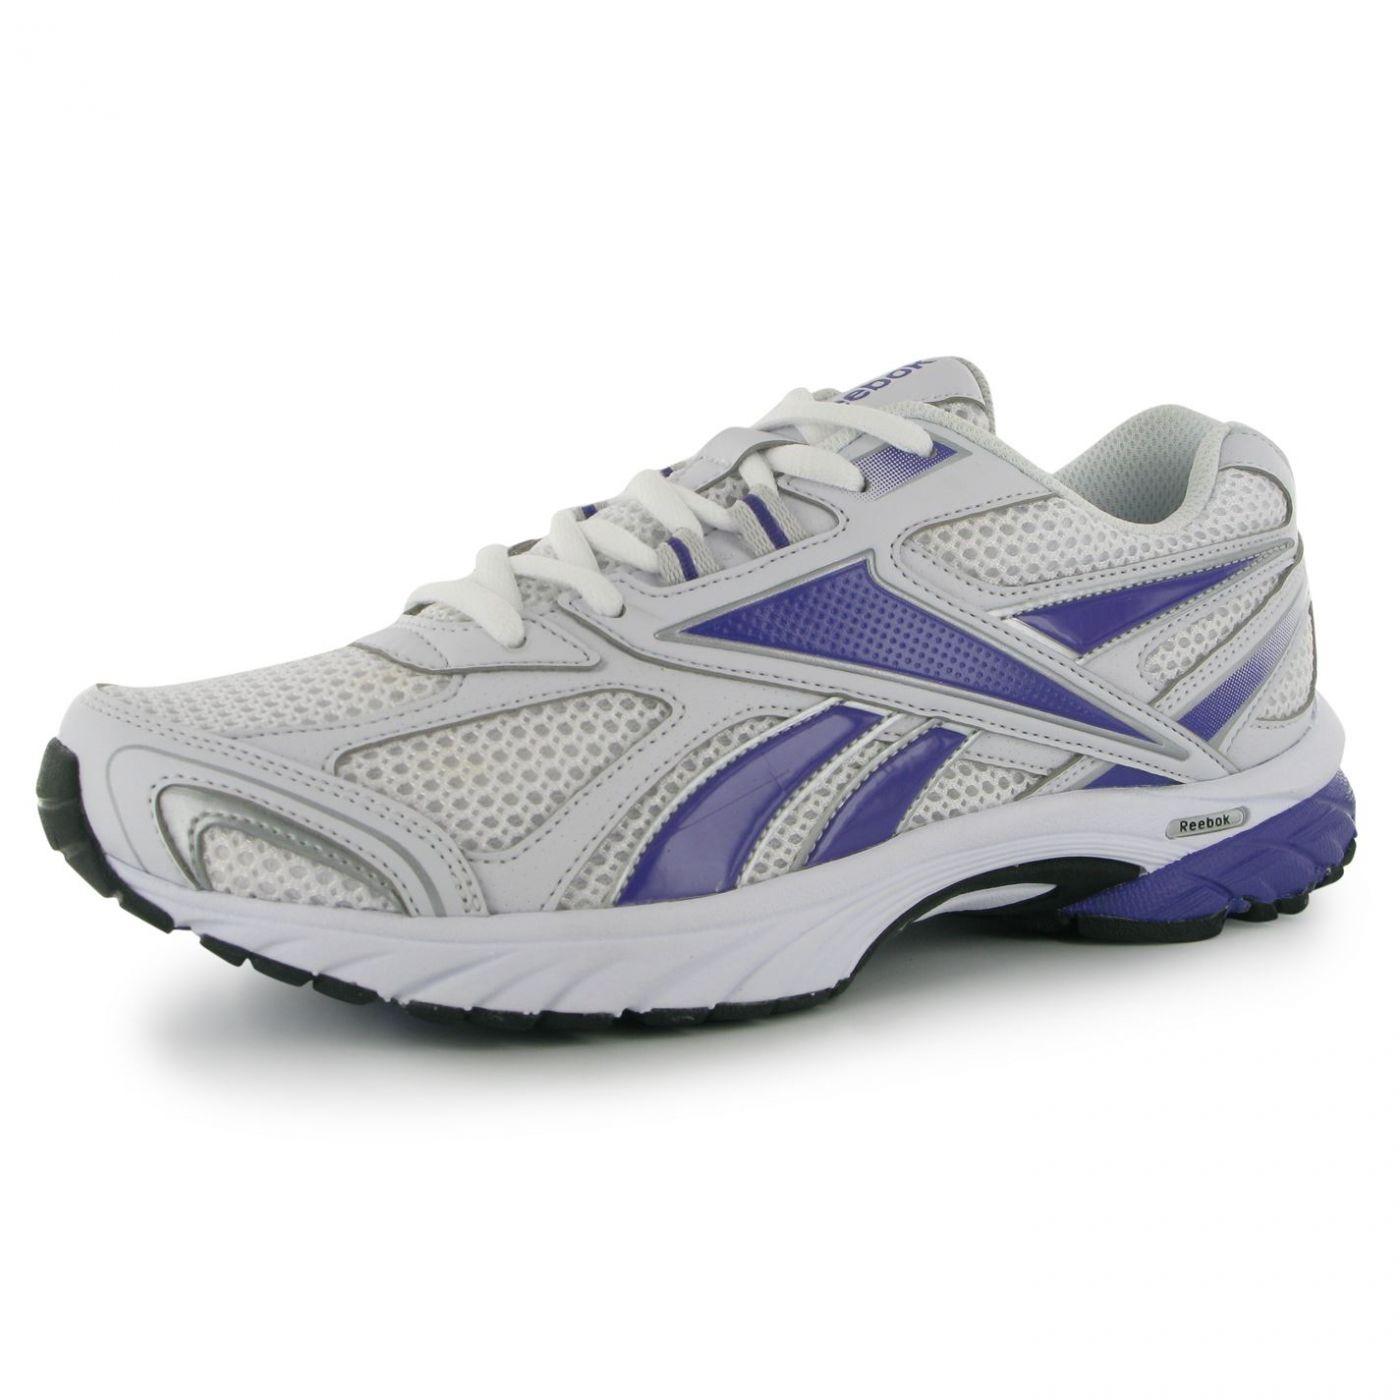 b55922c2b17 Reebok Pheehan Ladies Running Shoes - FACTCOOL